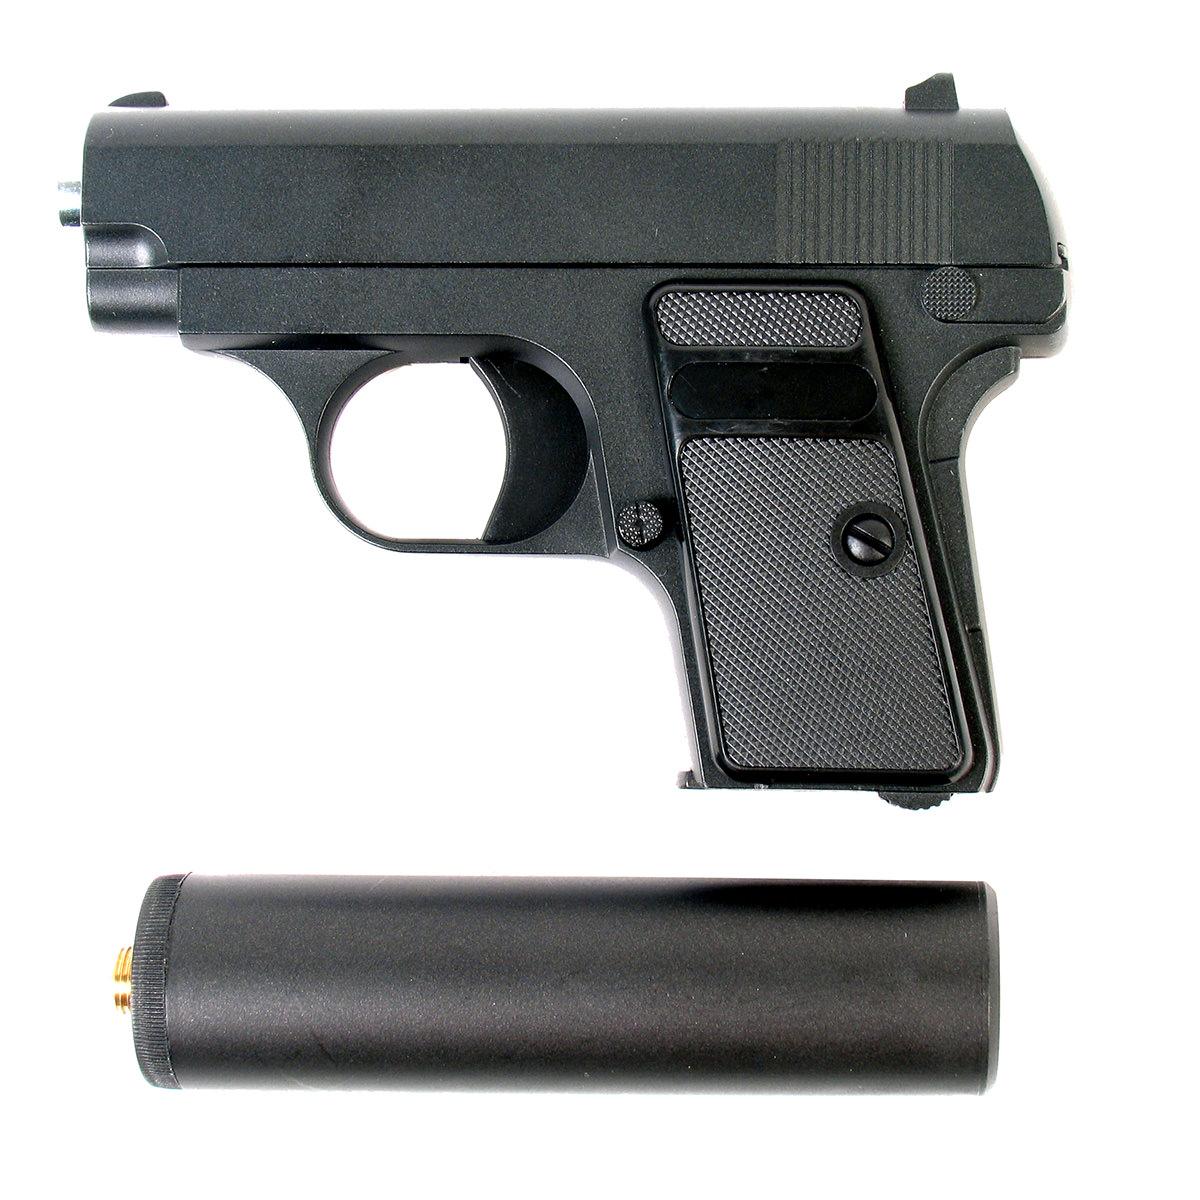 Пистолет страйкбольный Galaxy G.1A, пружинный, 6 ммG.1AПружинный пистолет G.1A является репликой компактного пистолета Colt25, предназначенного для скрытого ношения и укомплектован съемным глушителем. Корпус пистолета цельнометаллический. В магазин вмещается 7 шариков BB 6 мм. Выстрел из пистолета осуществляется с помощью пружины, максимальная начальная скорость выстрела не более 50 м/с. Прицельные приспособления не регулируемые, пистолет предназначен для стрельбы на короткие дистанции.